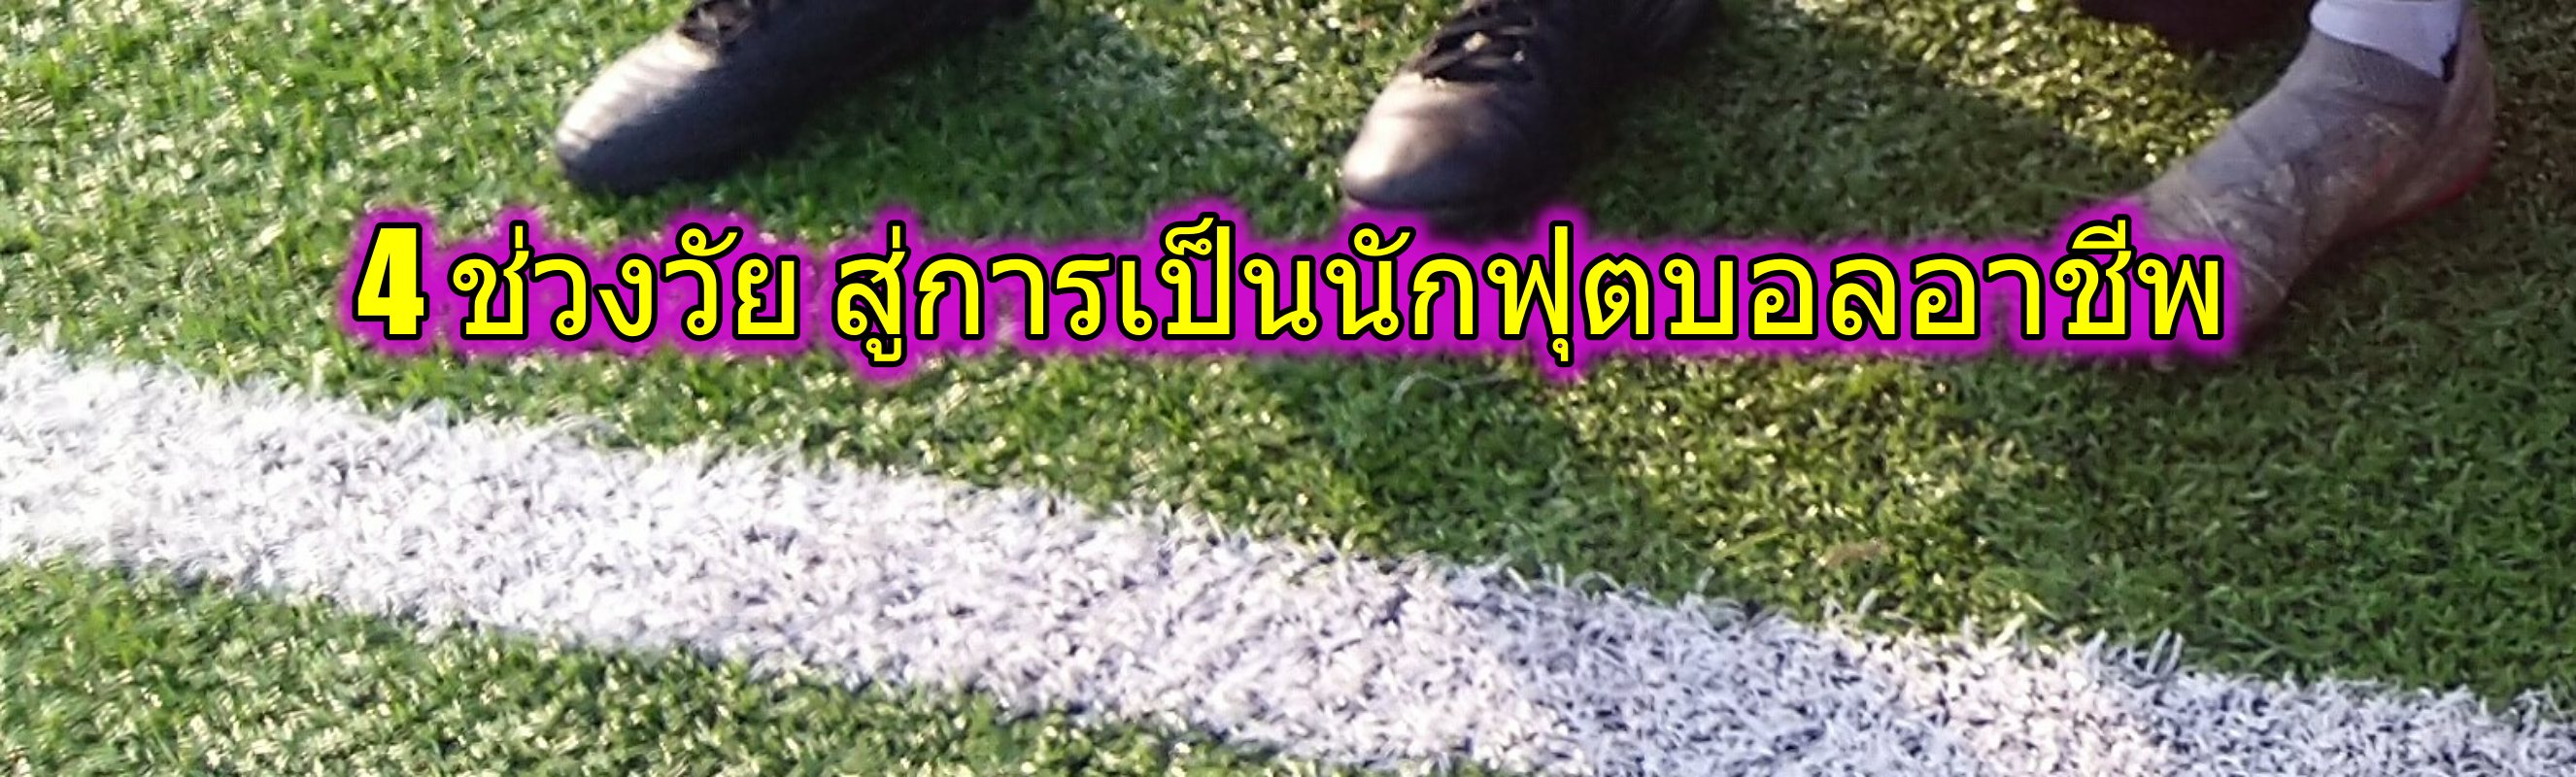 4 ช่วงวัย การเป็นนักฟุตบอลอาชีพ